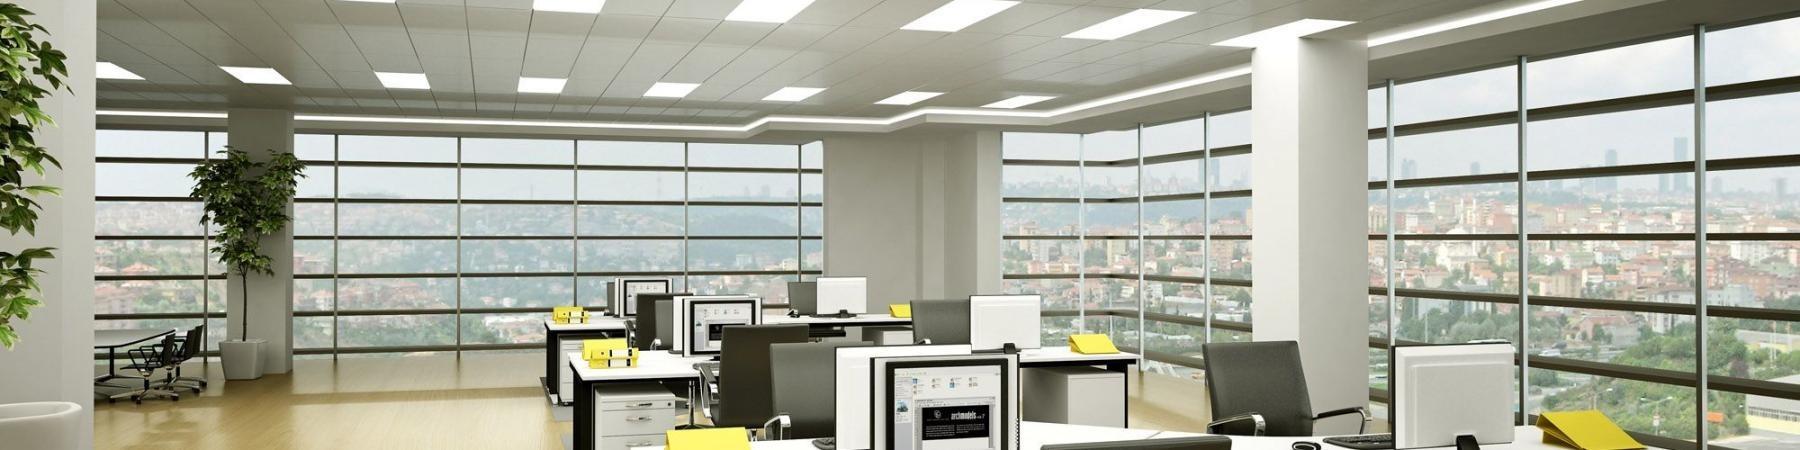 Nội thất chất lượng,cao câp cho Văn phòng,công sở, nơi làm việc